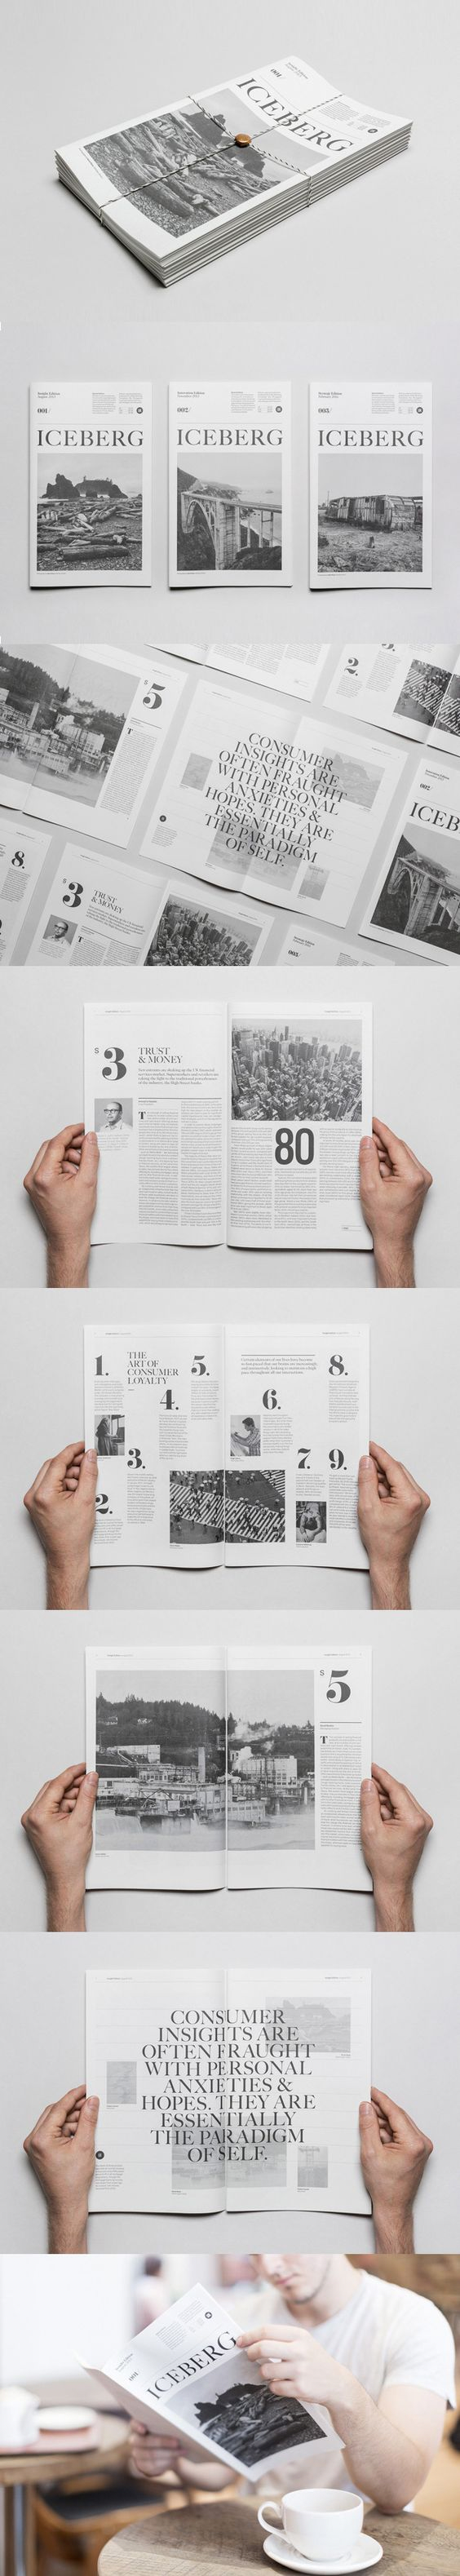 Iceberg / Socio Design https://www.behance.net/gallery/Iceberg/14532769